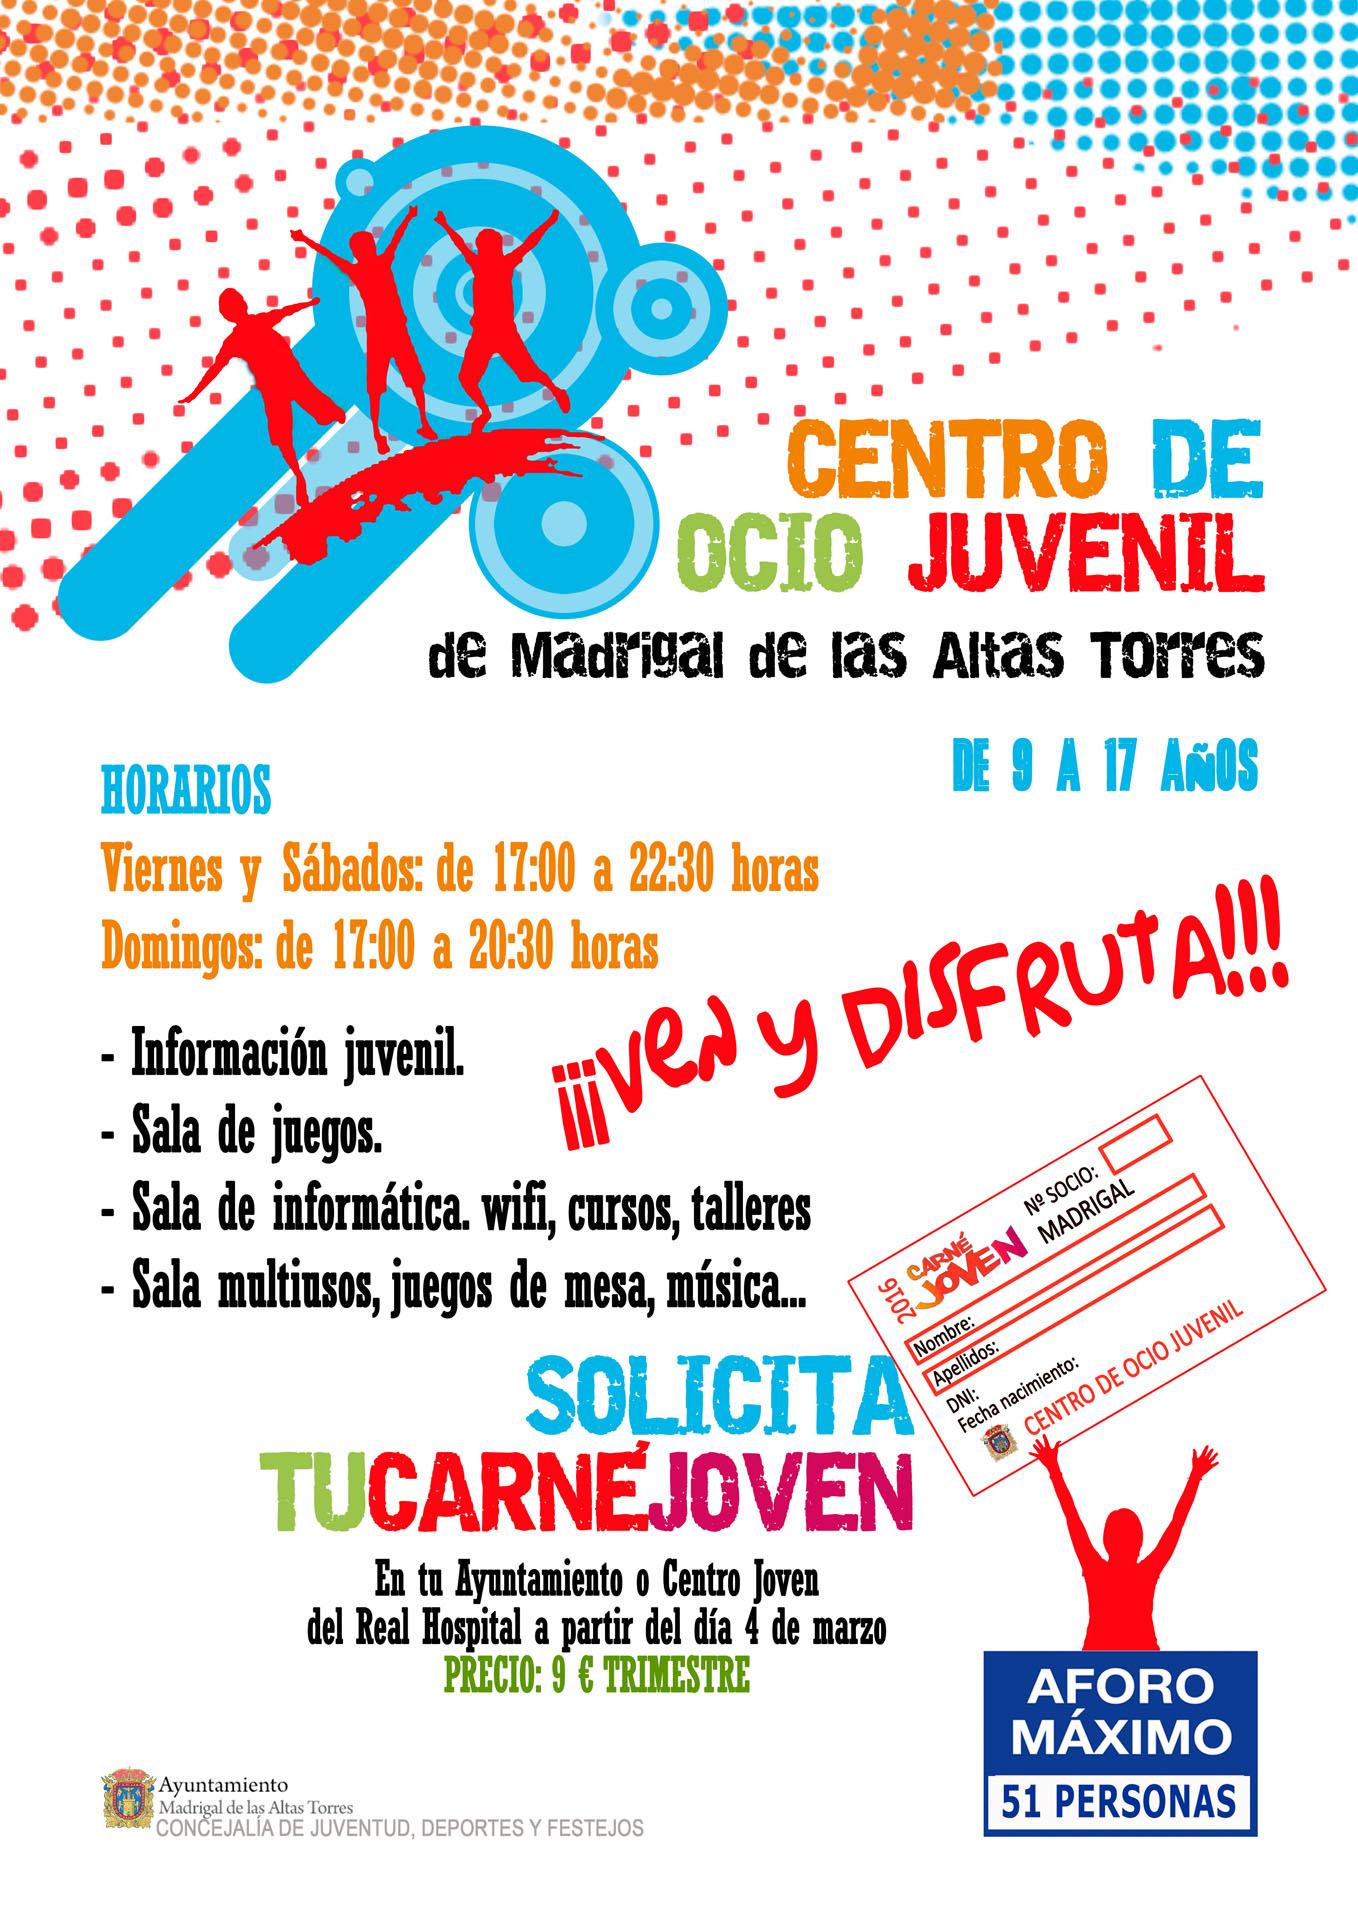 cartelCentroOcio-web